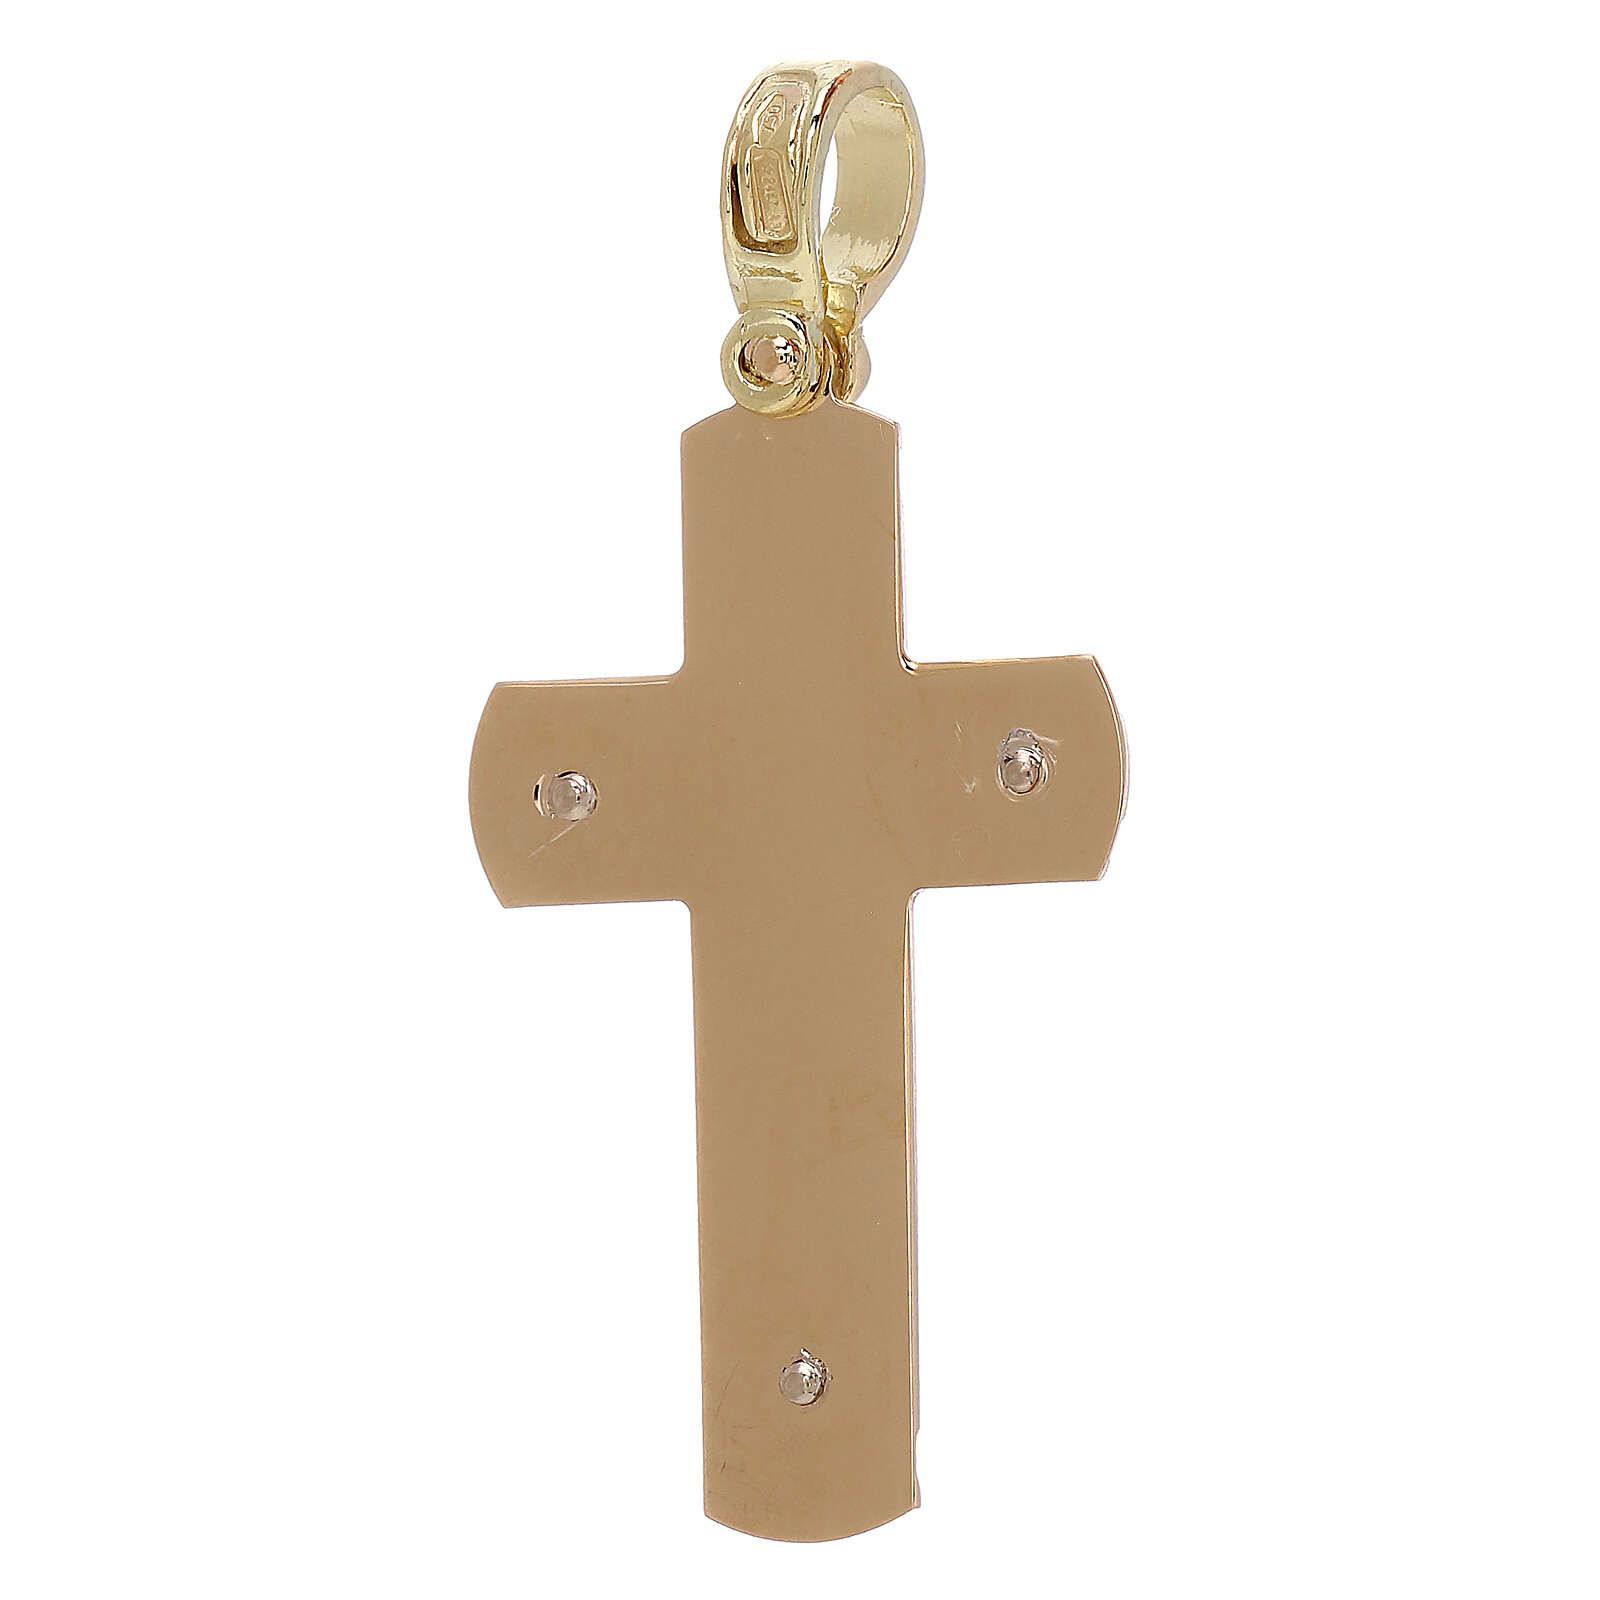 Cruz colgante incisa con Cristo oro 18 quilates - gr 3,68 4